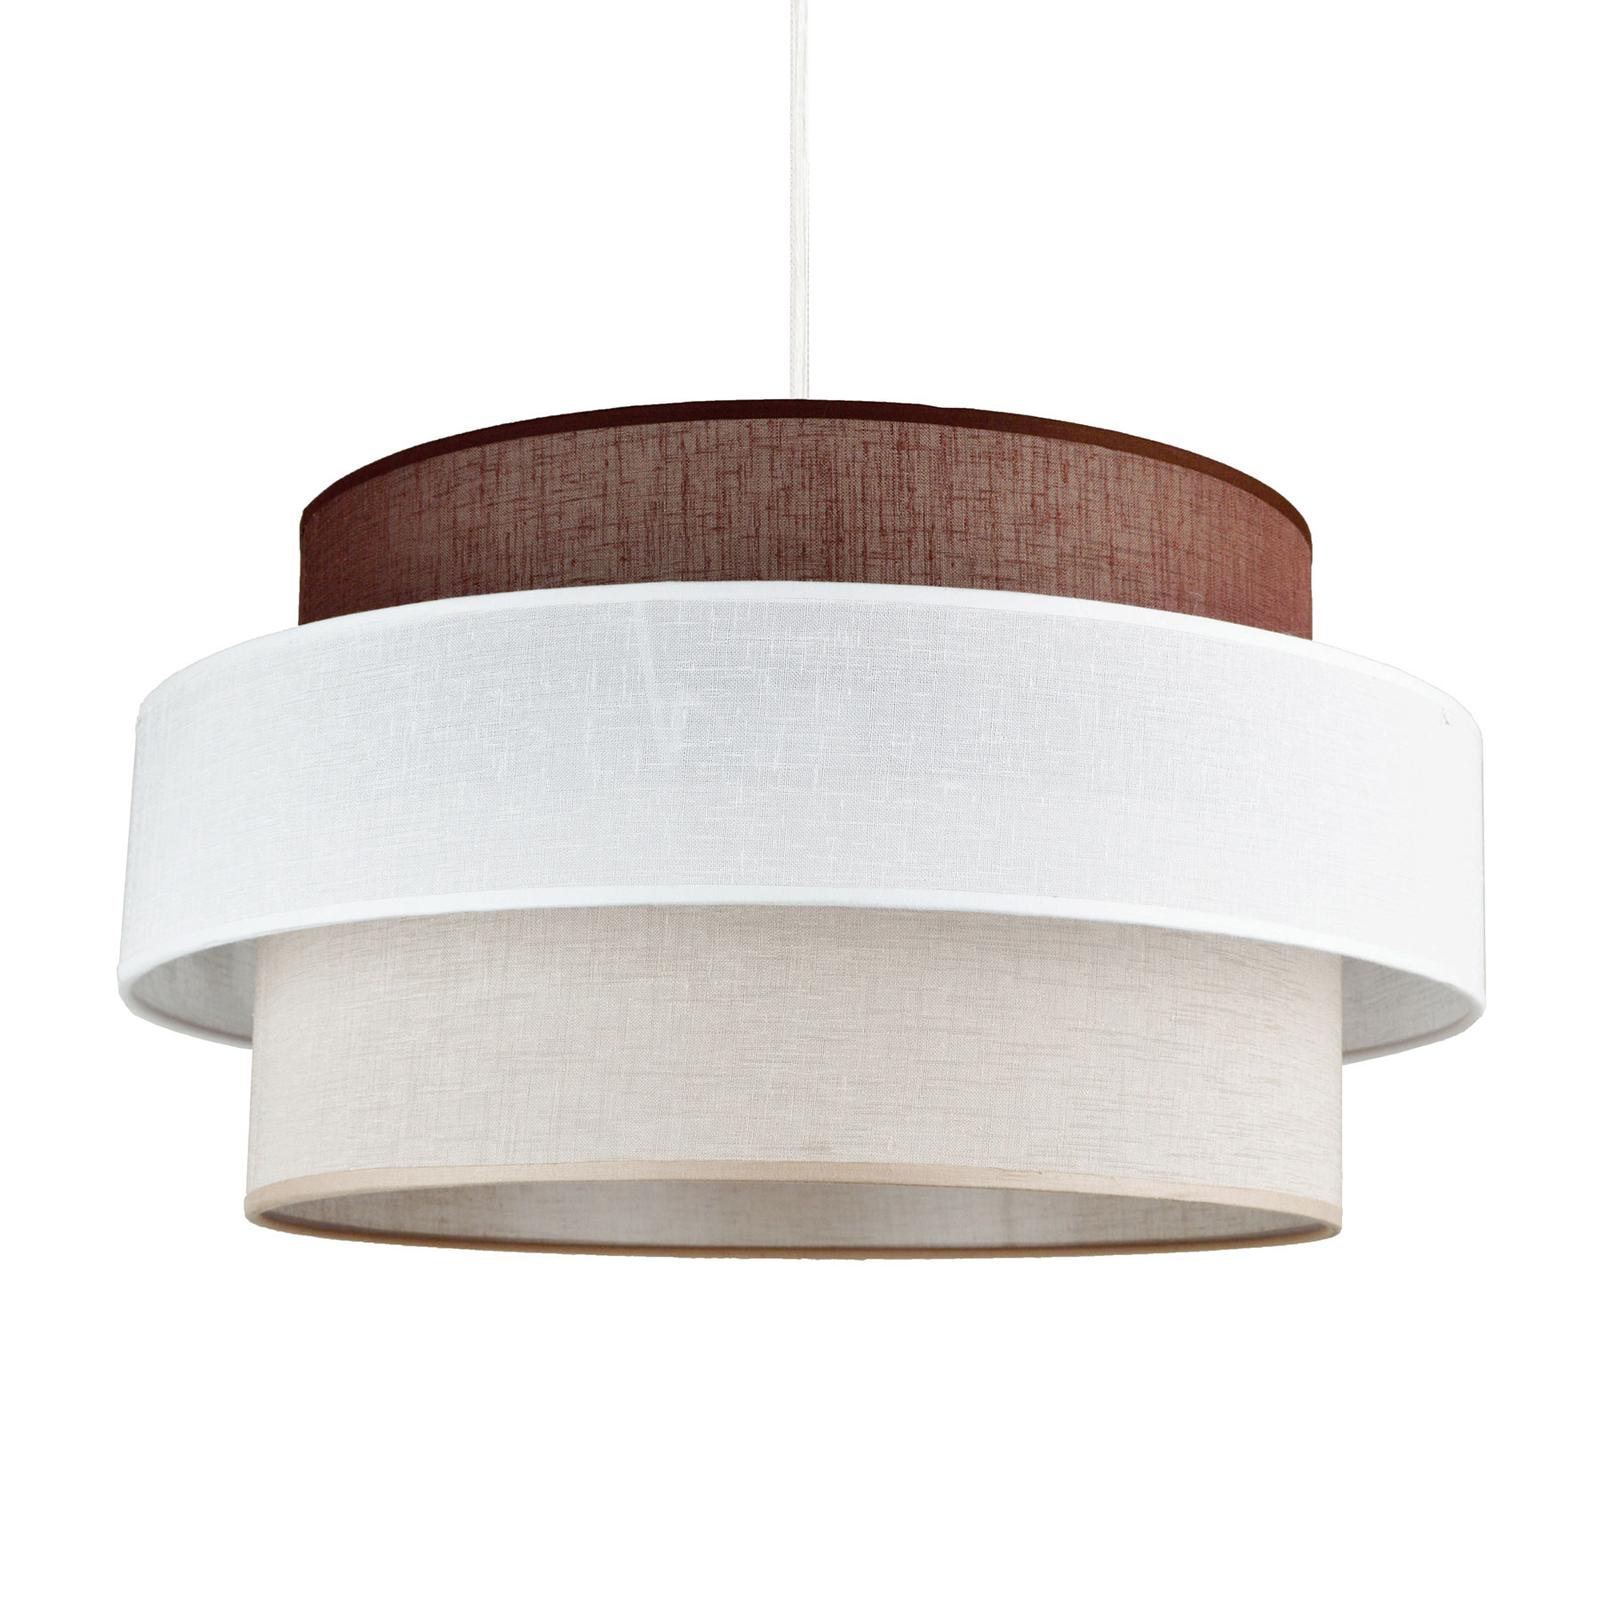 Hanglamp Space, wit/beige/bruin